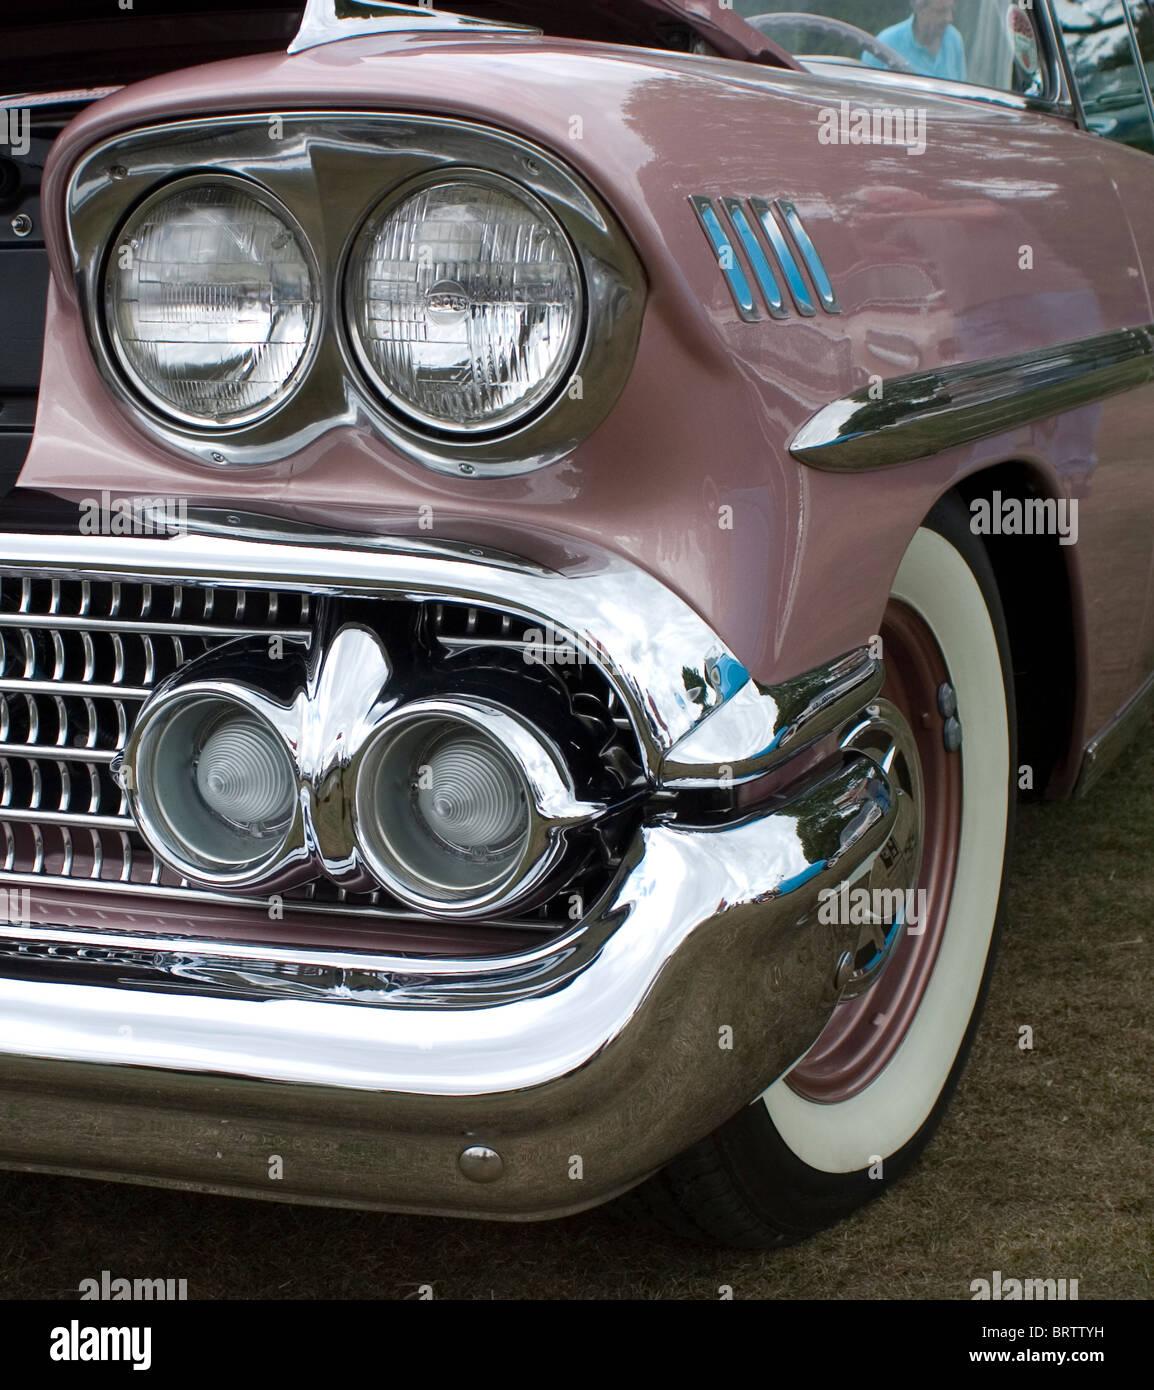 1957 Chevrolet Impala Coupe - Stock Image